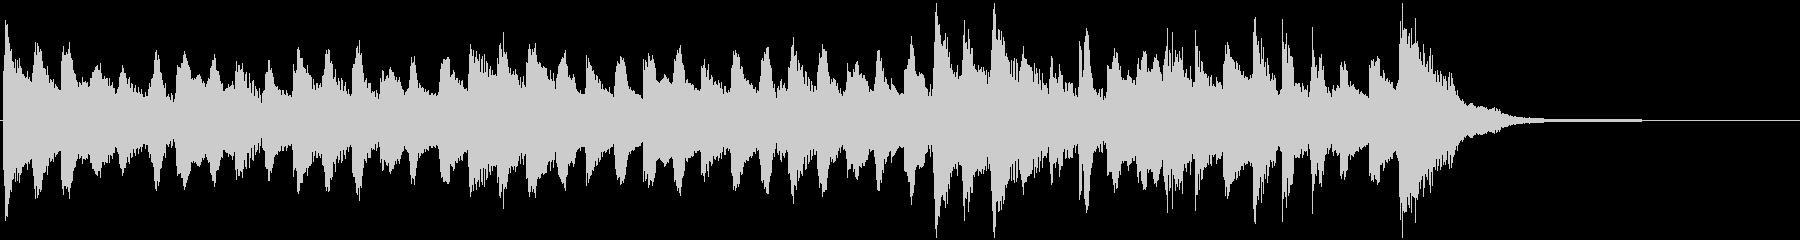 オーガニックなミニマルミュージック15秒の未再生の波形